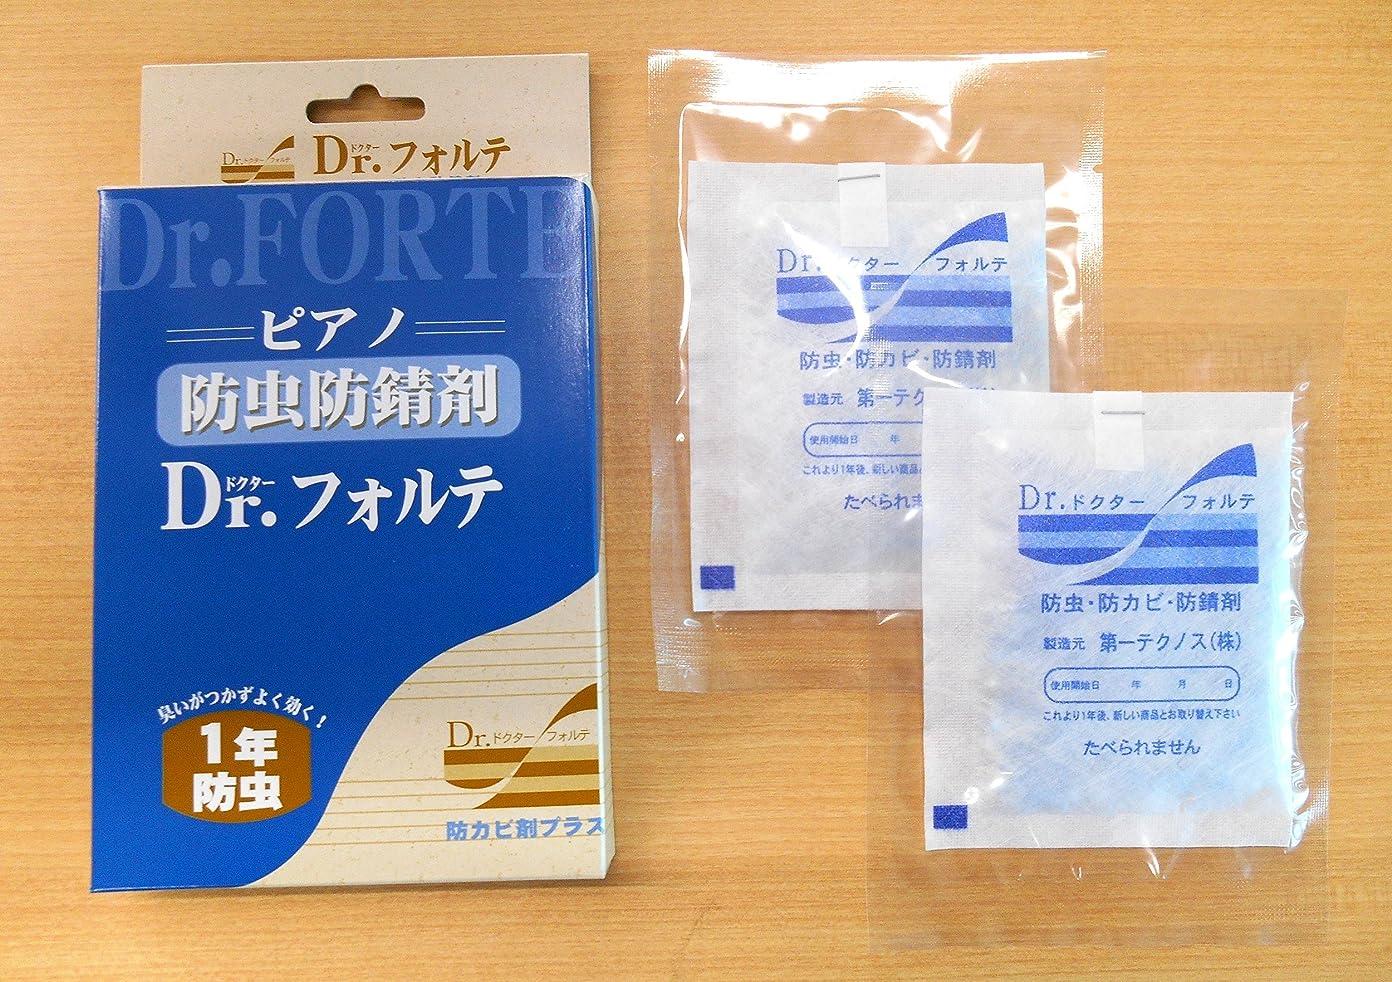 普通に不純歩行者ピアノ用 防虫 / 防錆 / 防カビ 剤 Dr.フォルテ ( 2袋入り)